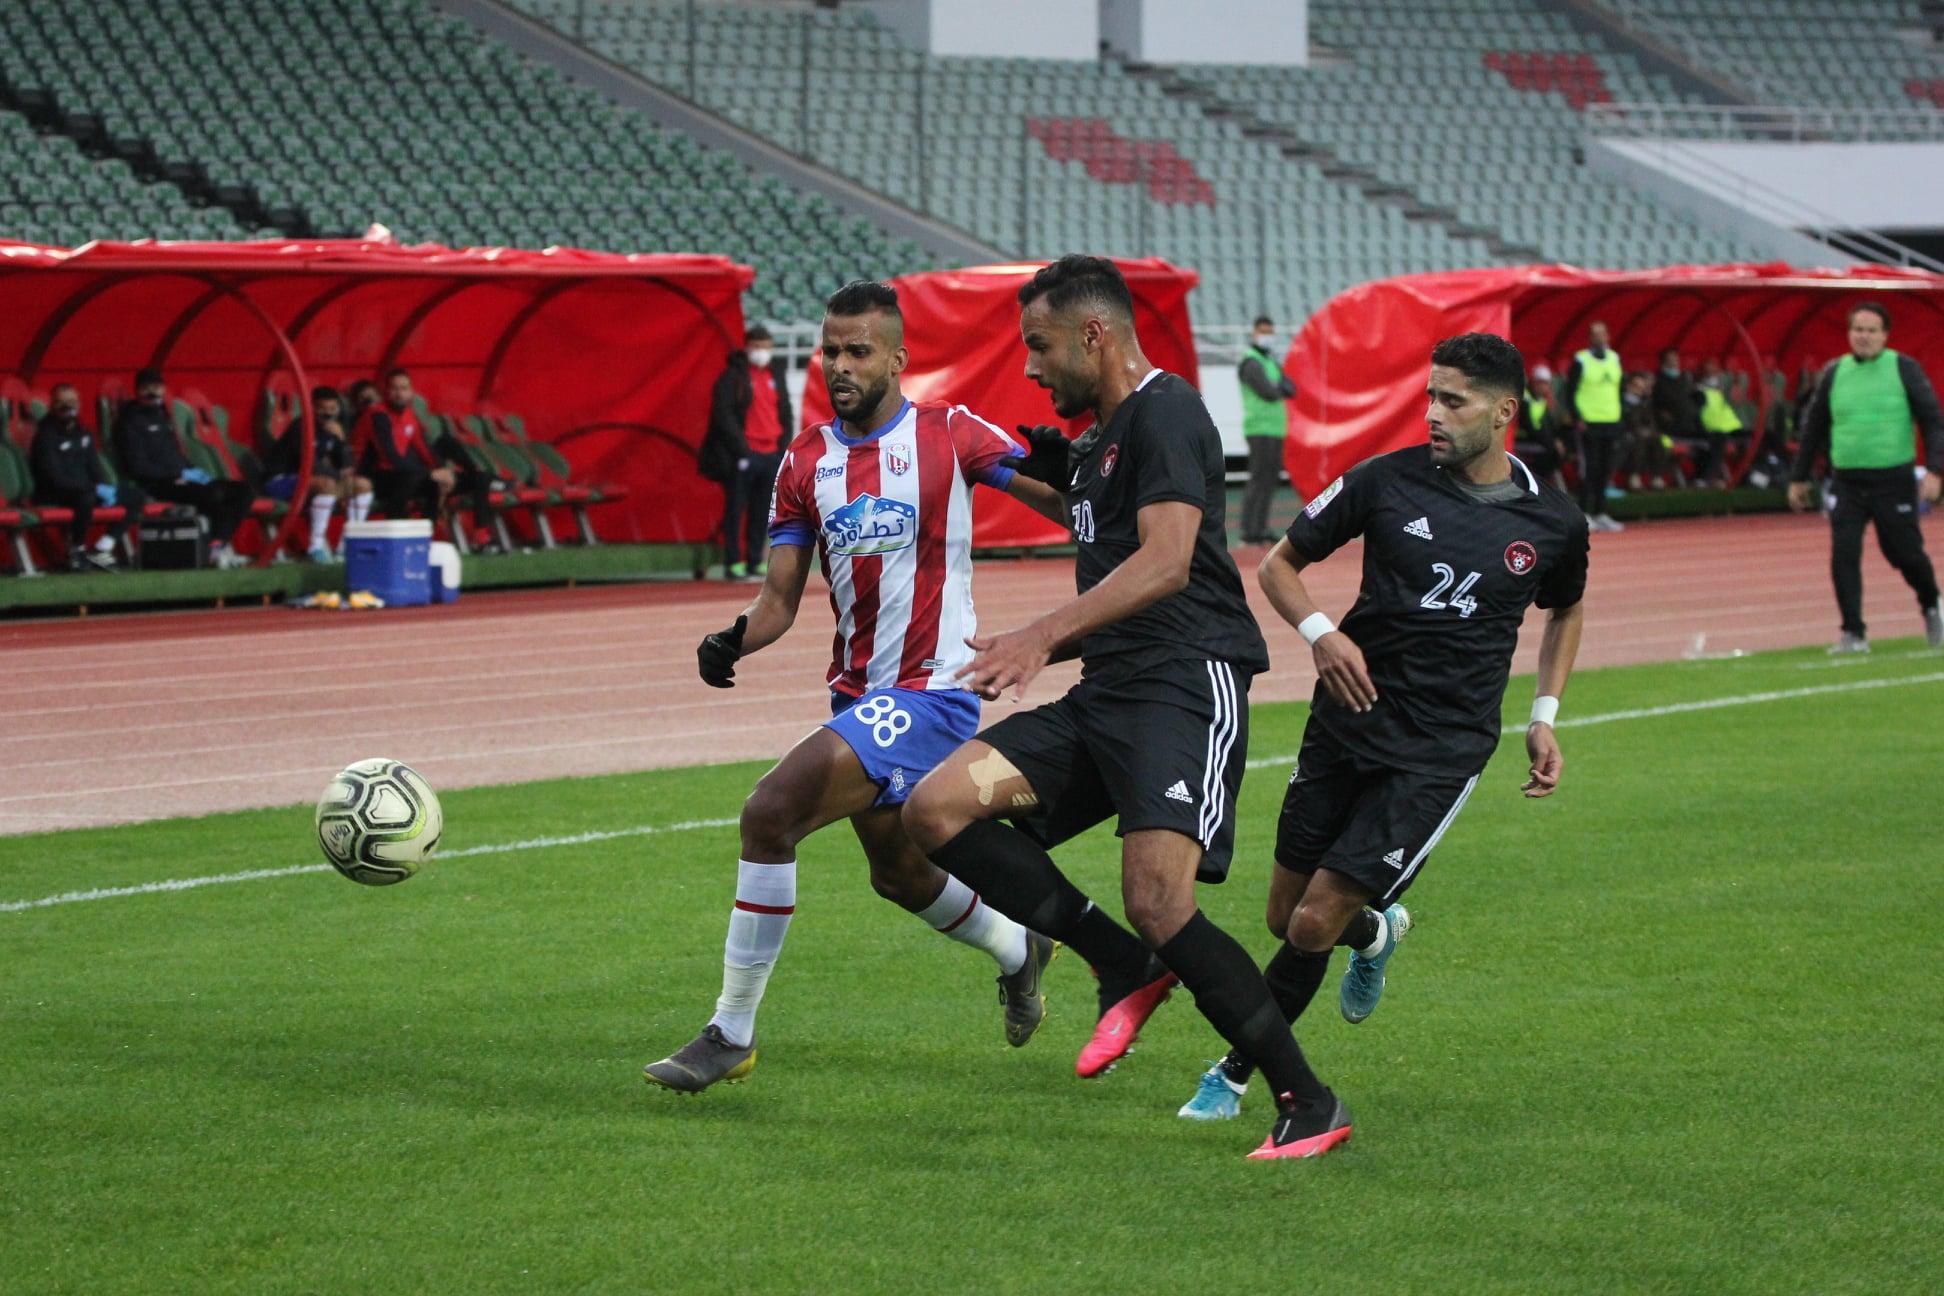 المغرب التطواني ينهزم في أول مباراة في الدوري الوطني الإحترافي إنوي